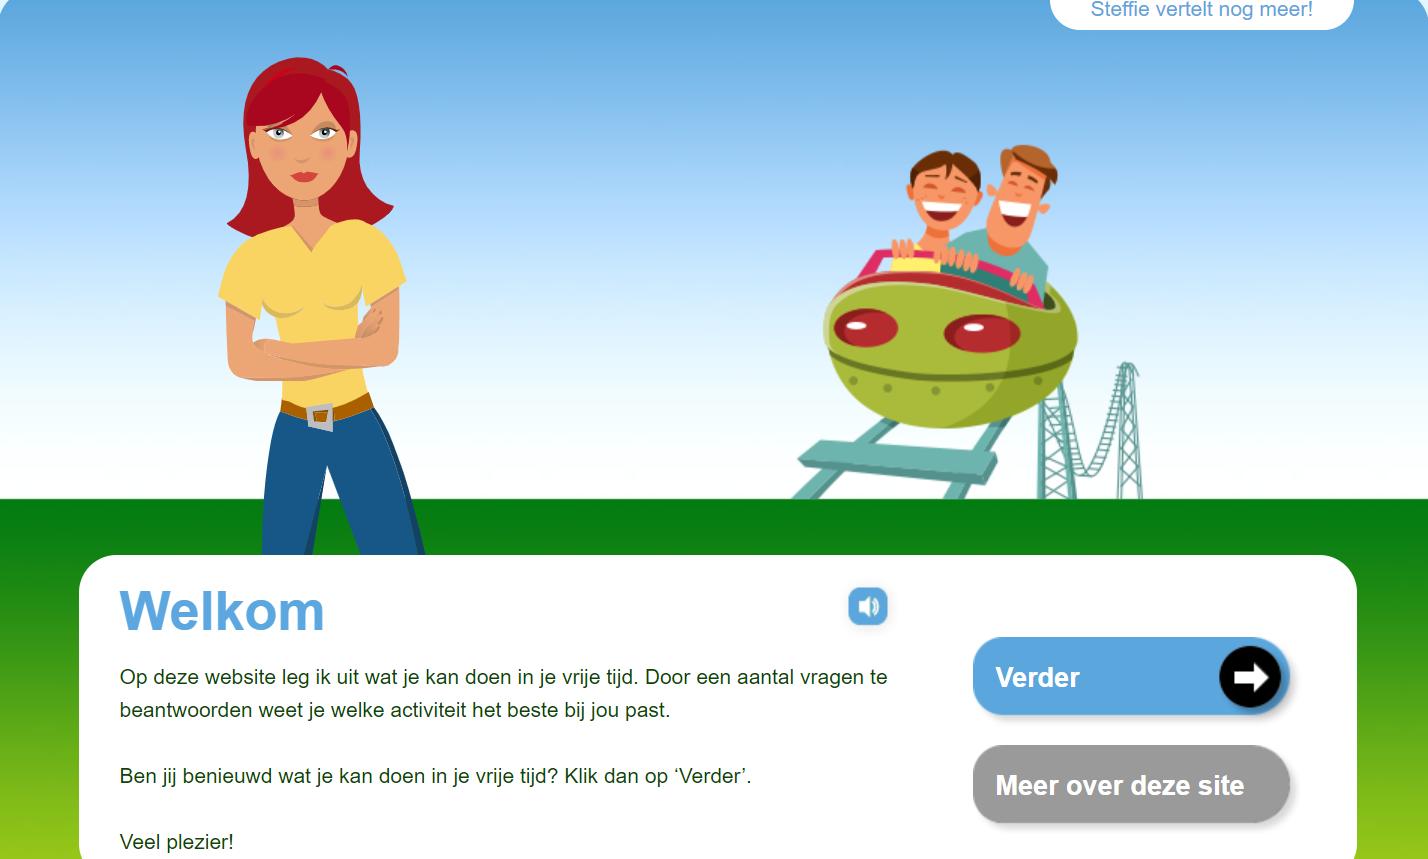 Ga naar de website inmijnvrijetijd.nl